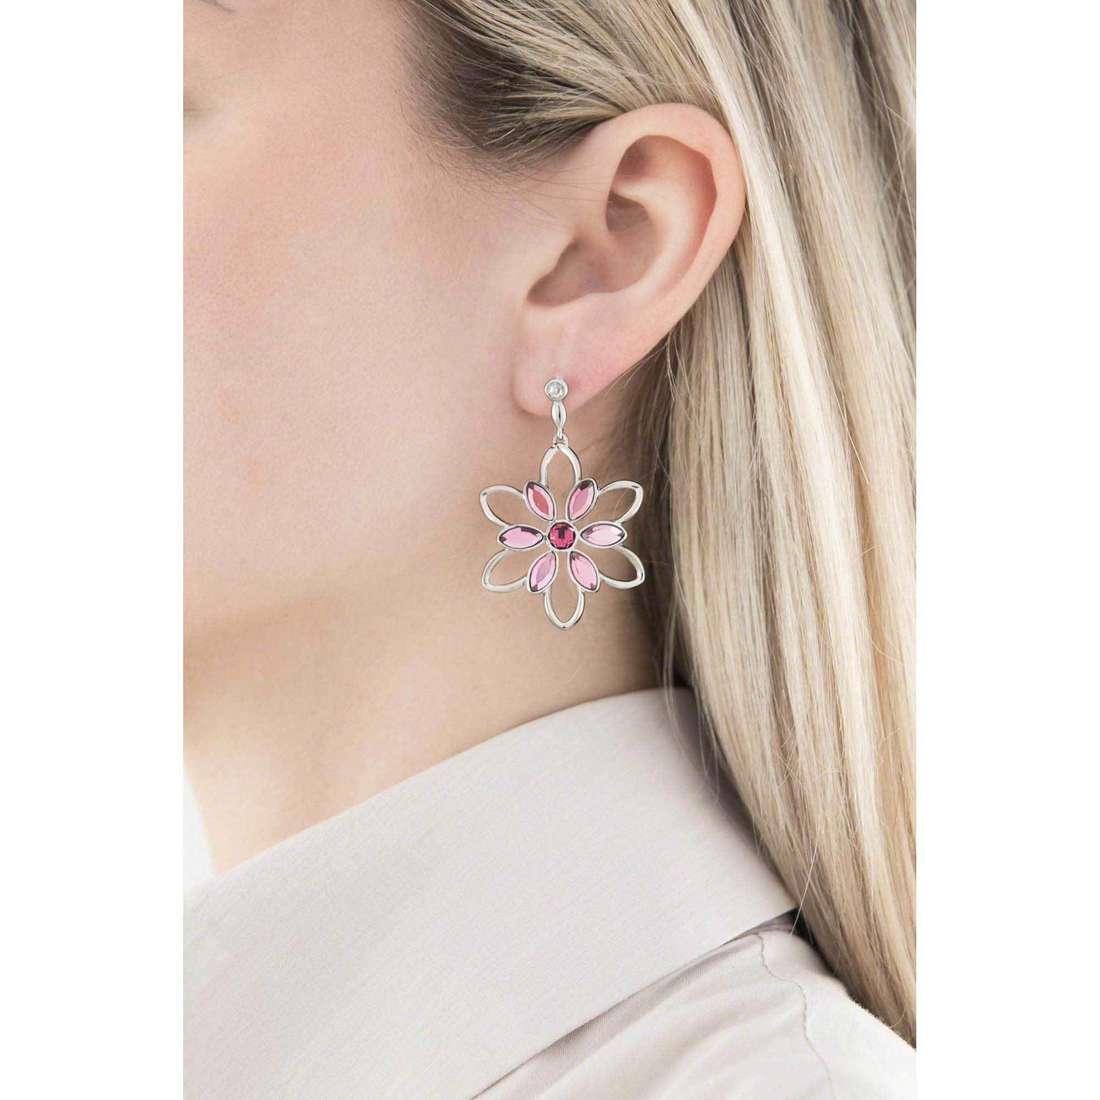 Morellato orecchini Fioremio donna SABK12 indosso